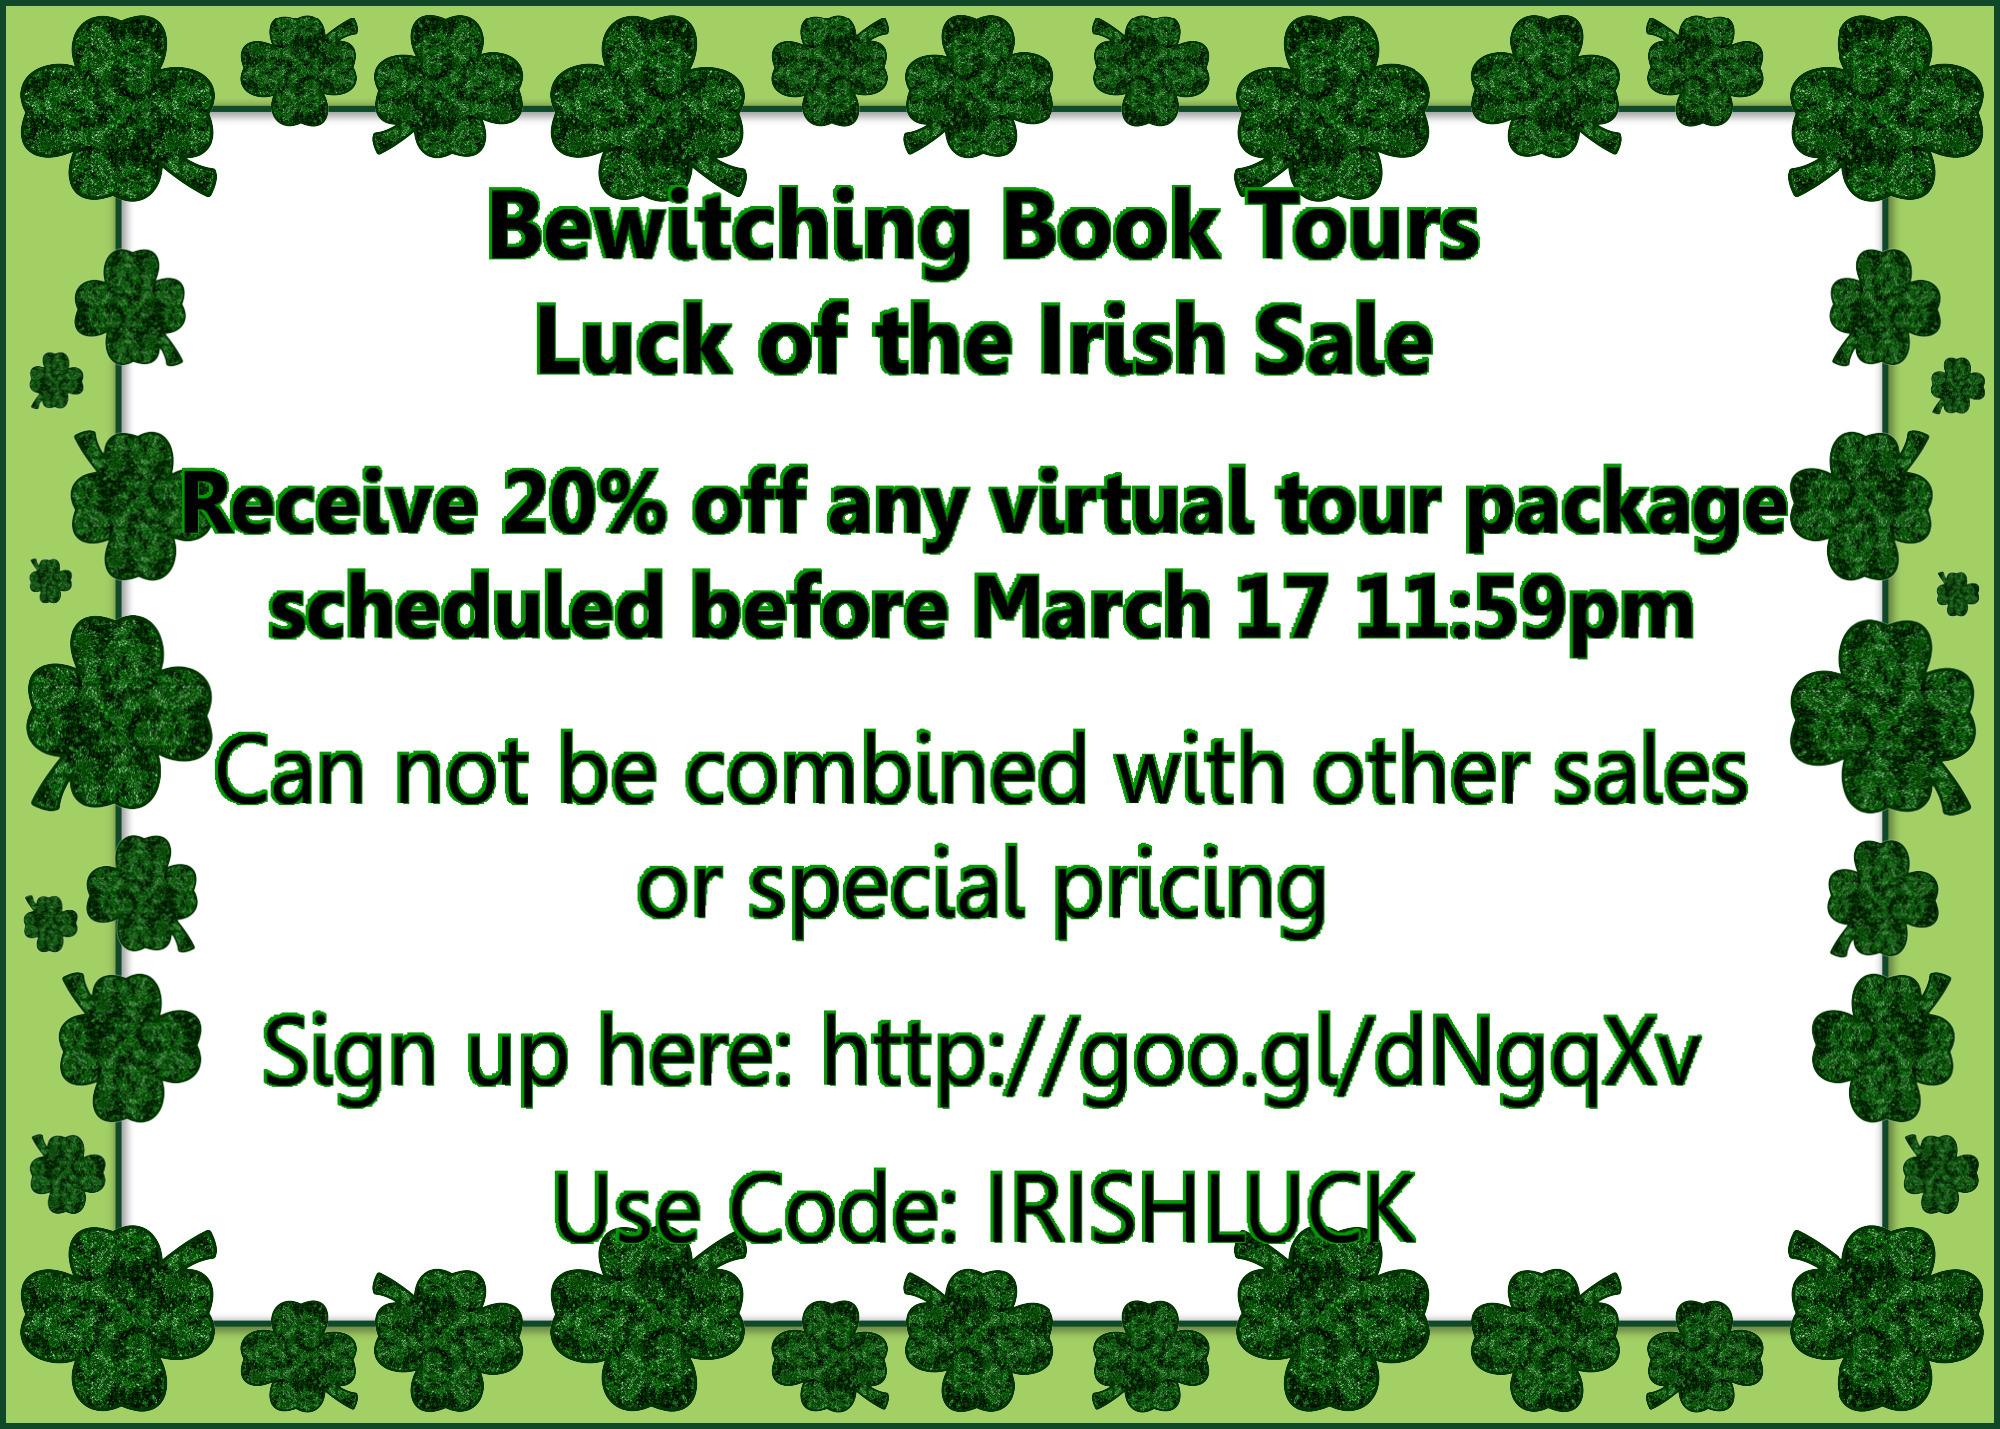 Bewitching Book Tours Luck Iris - roxannerhoads   ello